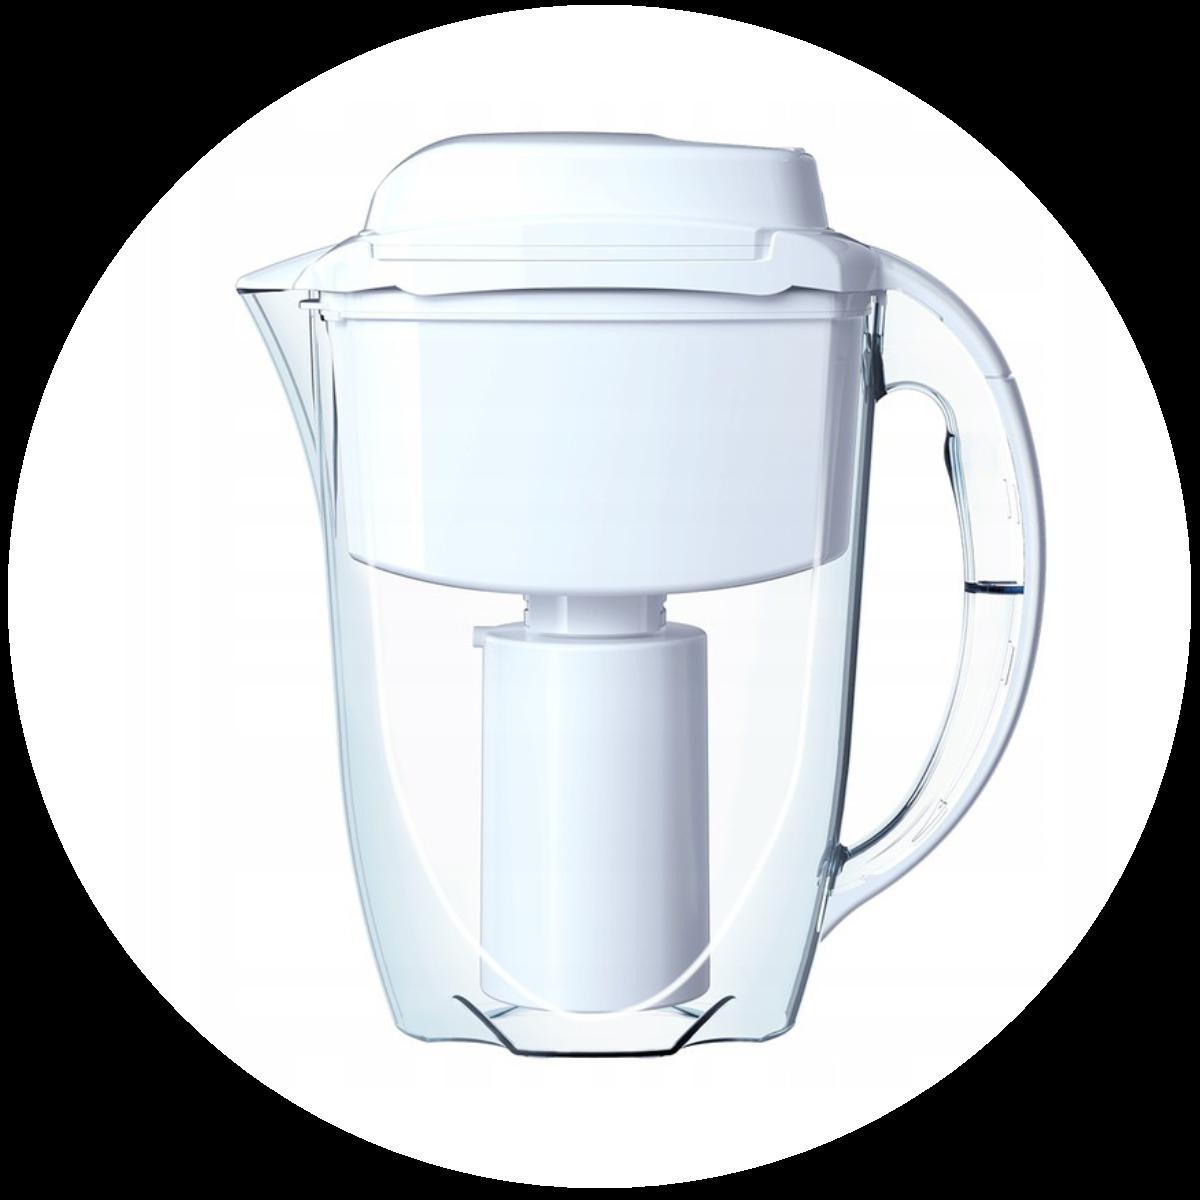 Aquaphor J.Shmidt 500 (biały) dzbanek filtrujący - wygląd